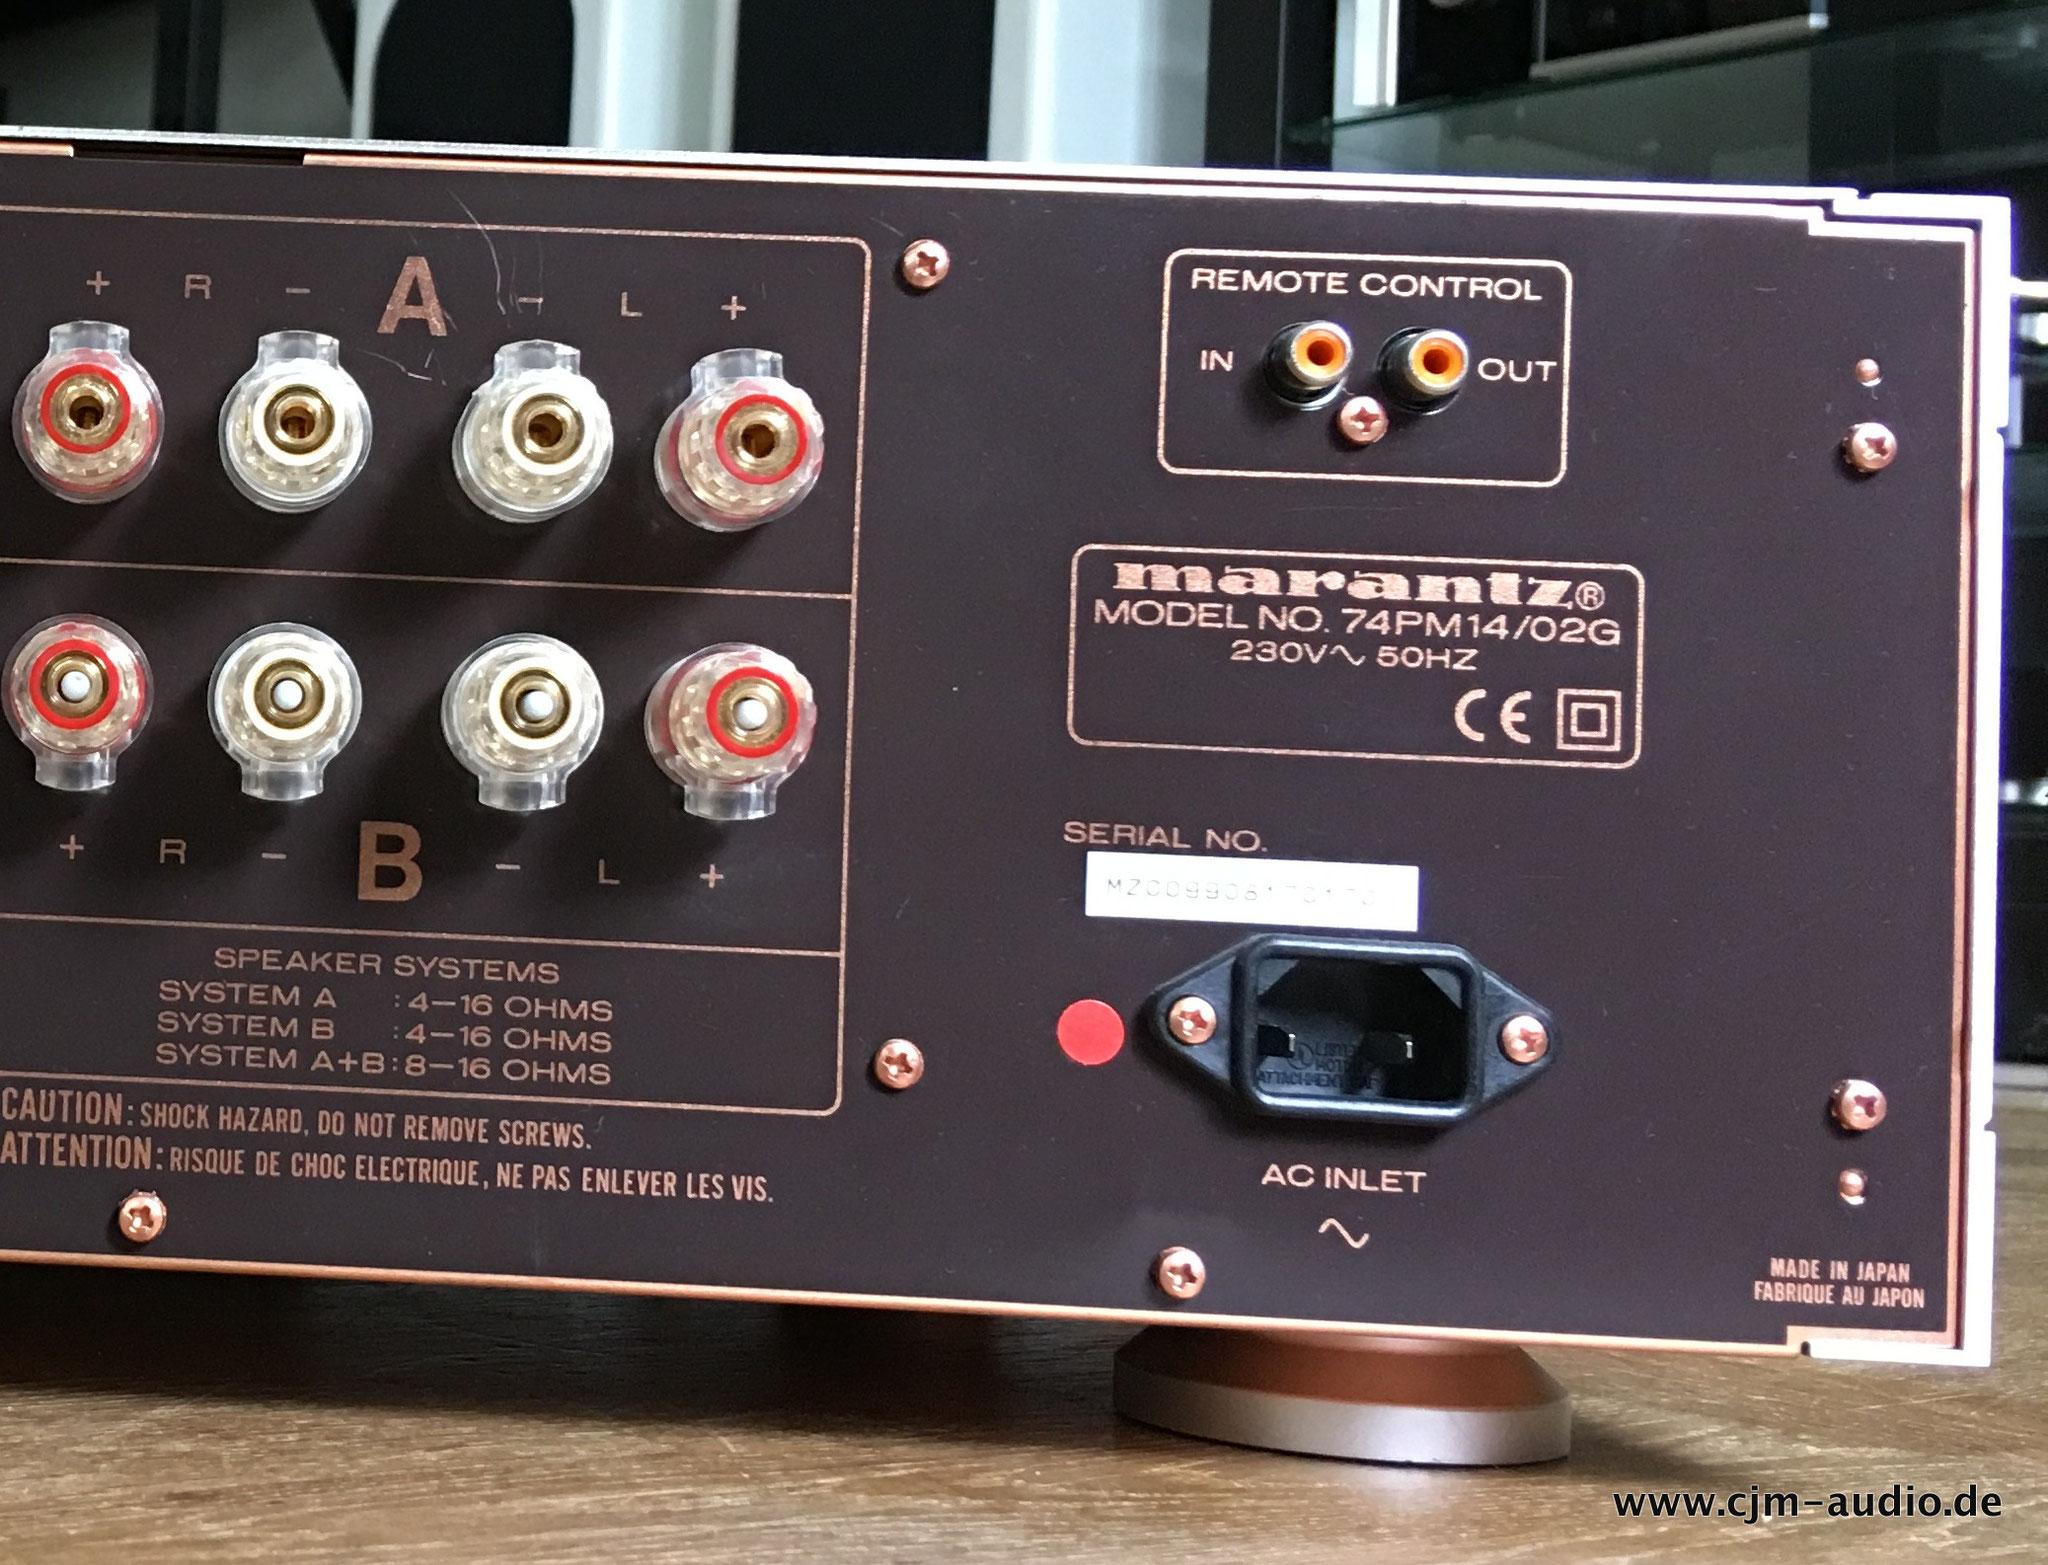 Marantz Cjm Audio High End Audiomarkt Fr Gebrauchtgerte Sc 11s1 Preamplifier Pm 14